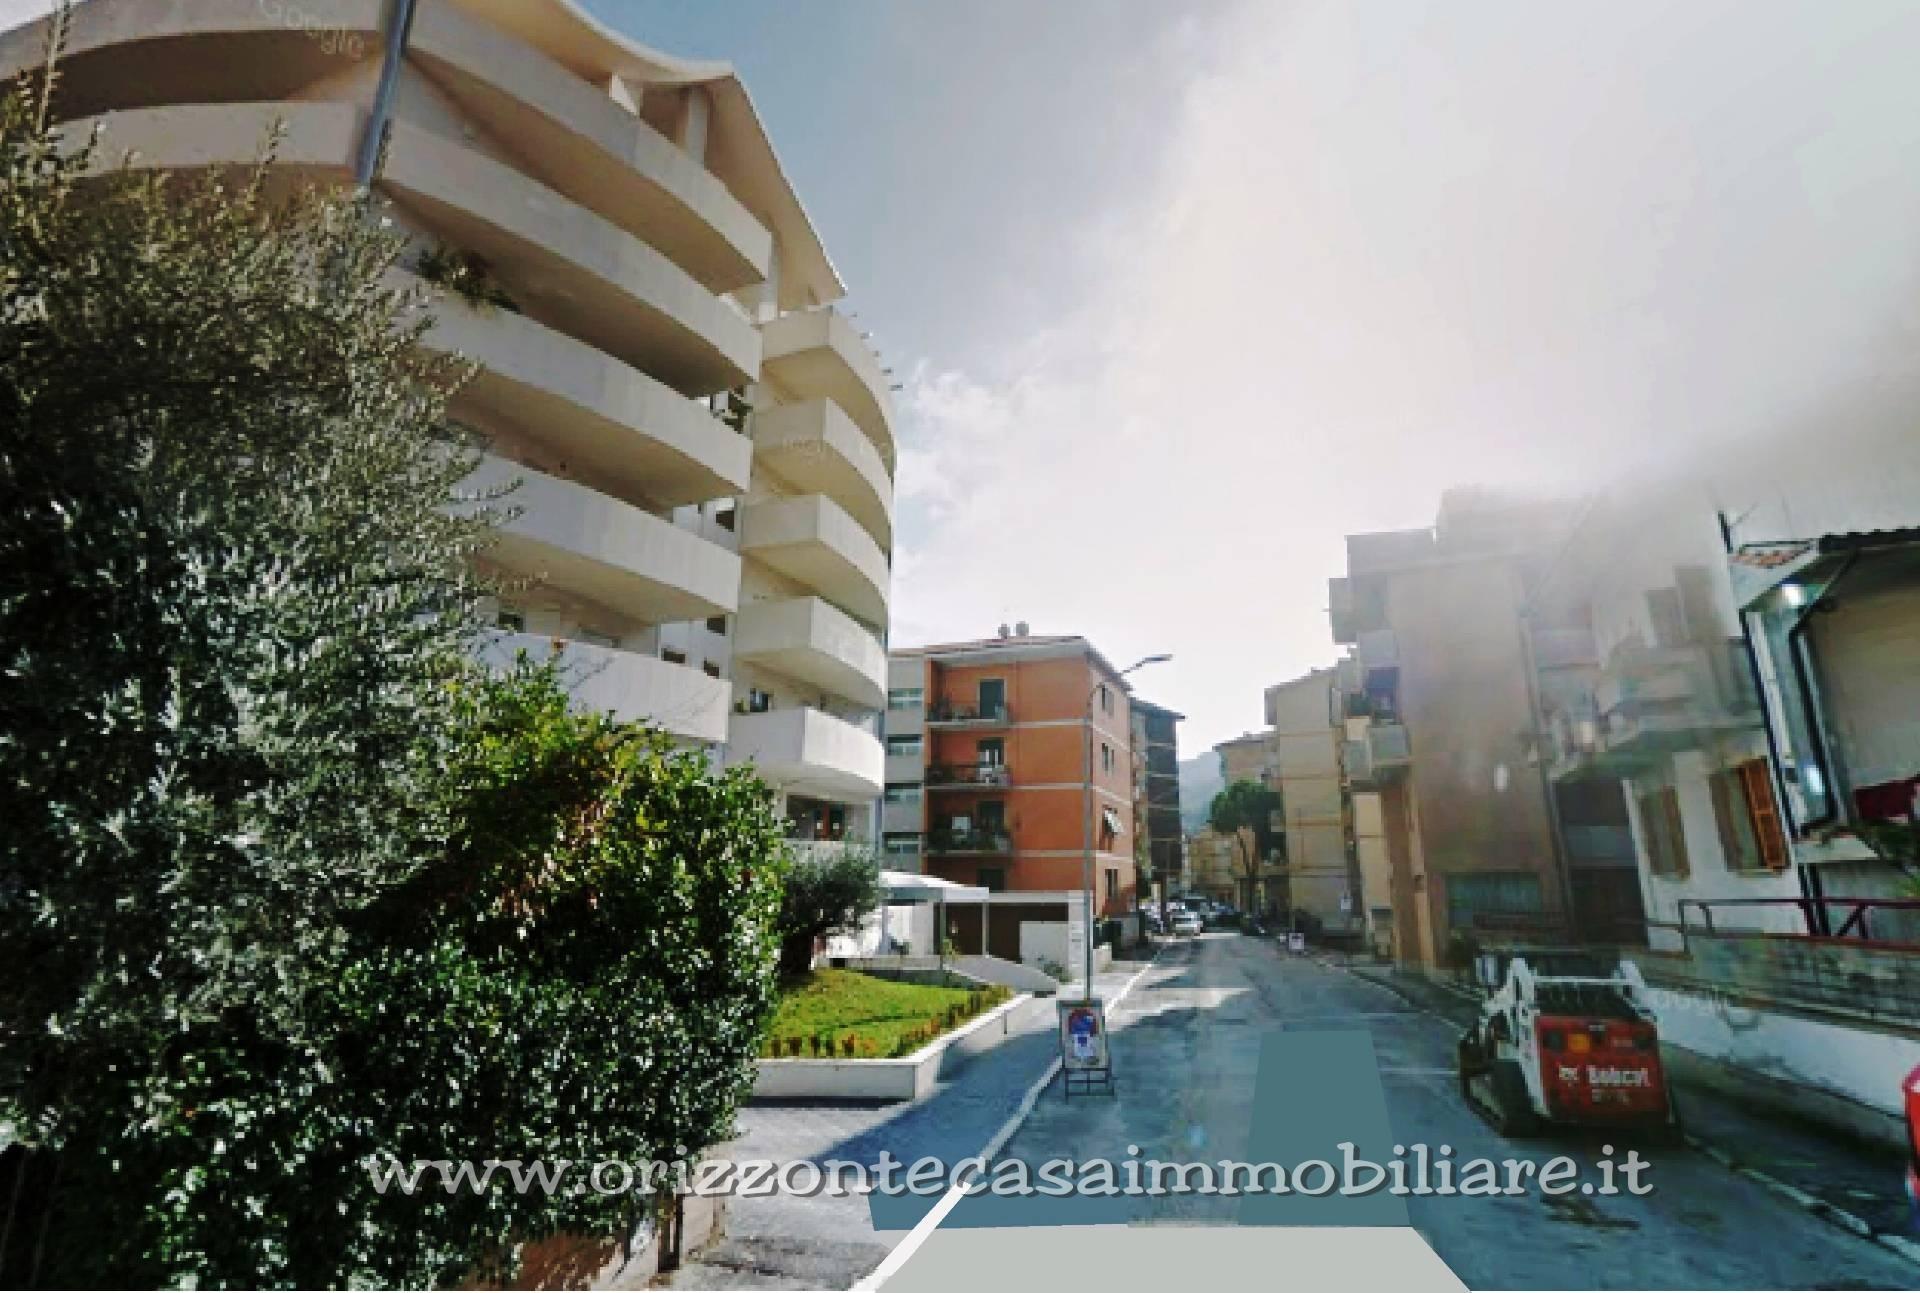 Negozio / Locale in affitto a Ascoli Piceno, 9999 locali, zona Località: PortaMaggiore, prezzo € 600   CambioCasa.it